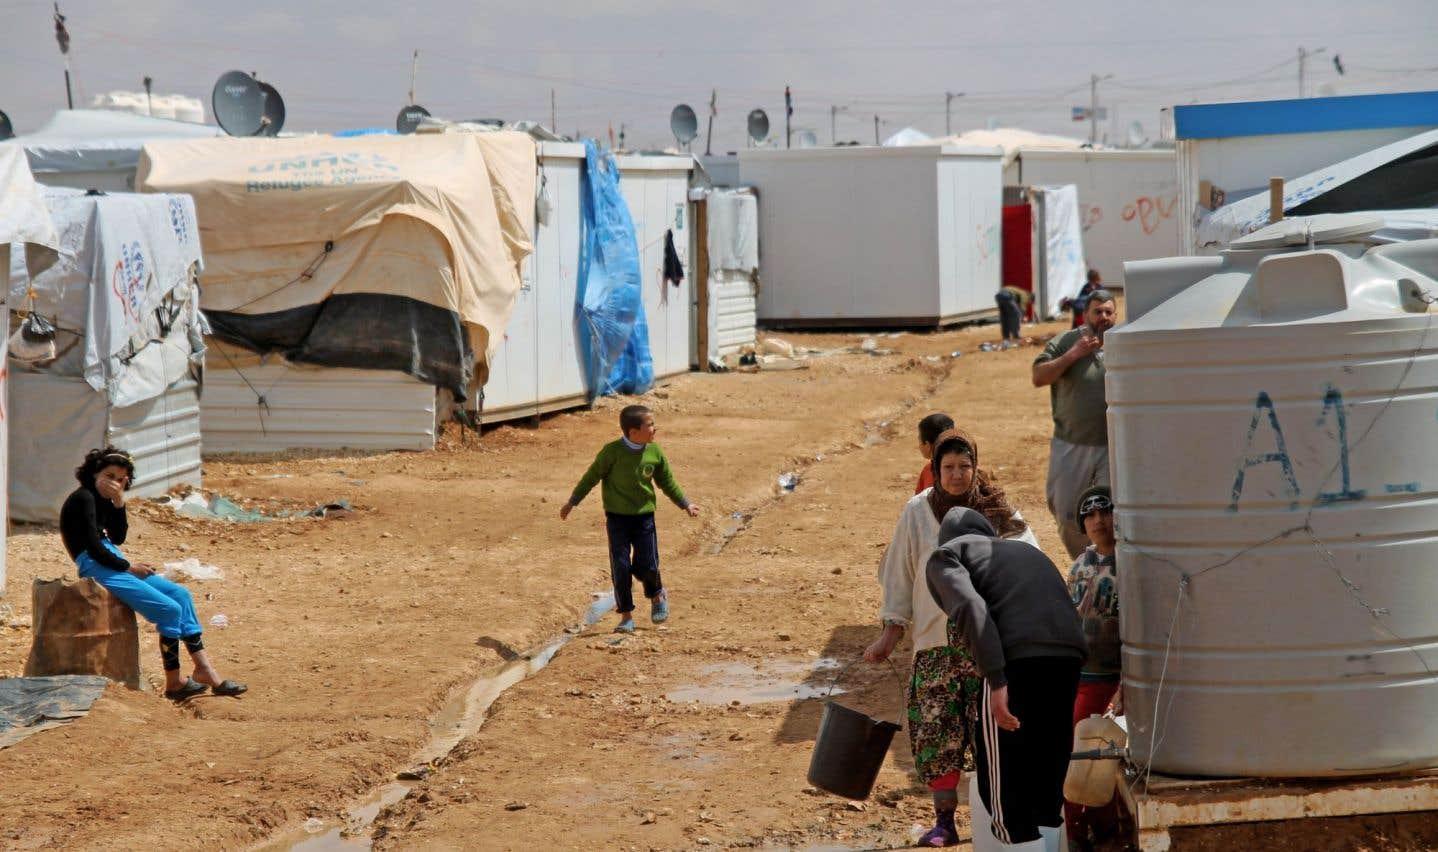 «Lorsque je suis arrivé au camp à 30 kilomètres de la Syrie, sous escorte, j'ai été sous le choc», raconte le responsable de l'information chez AED, Robert Lalonde.